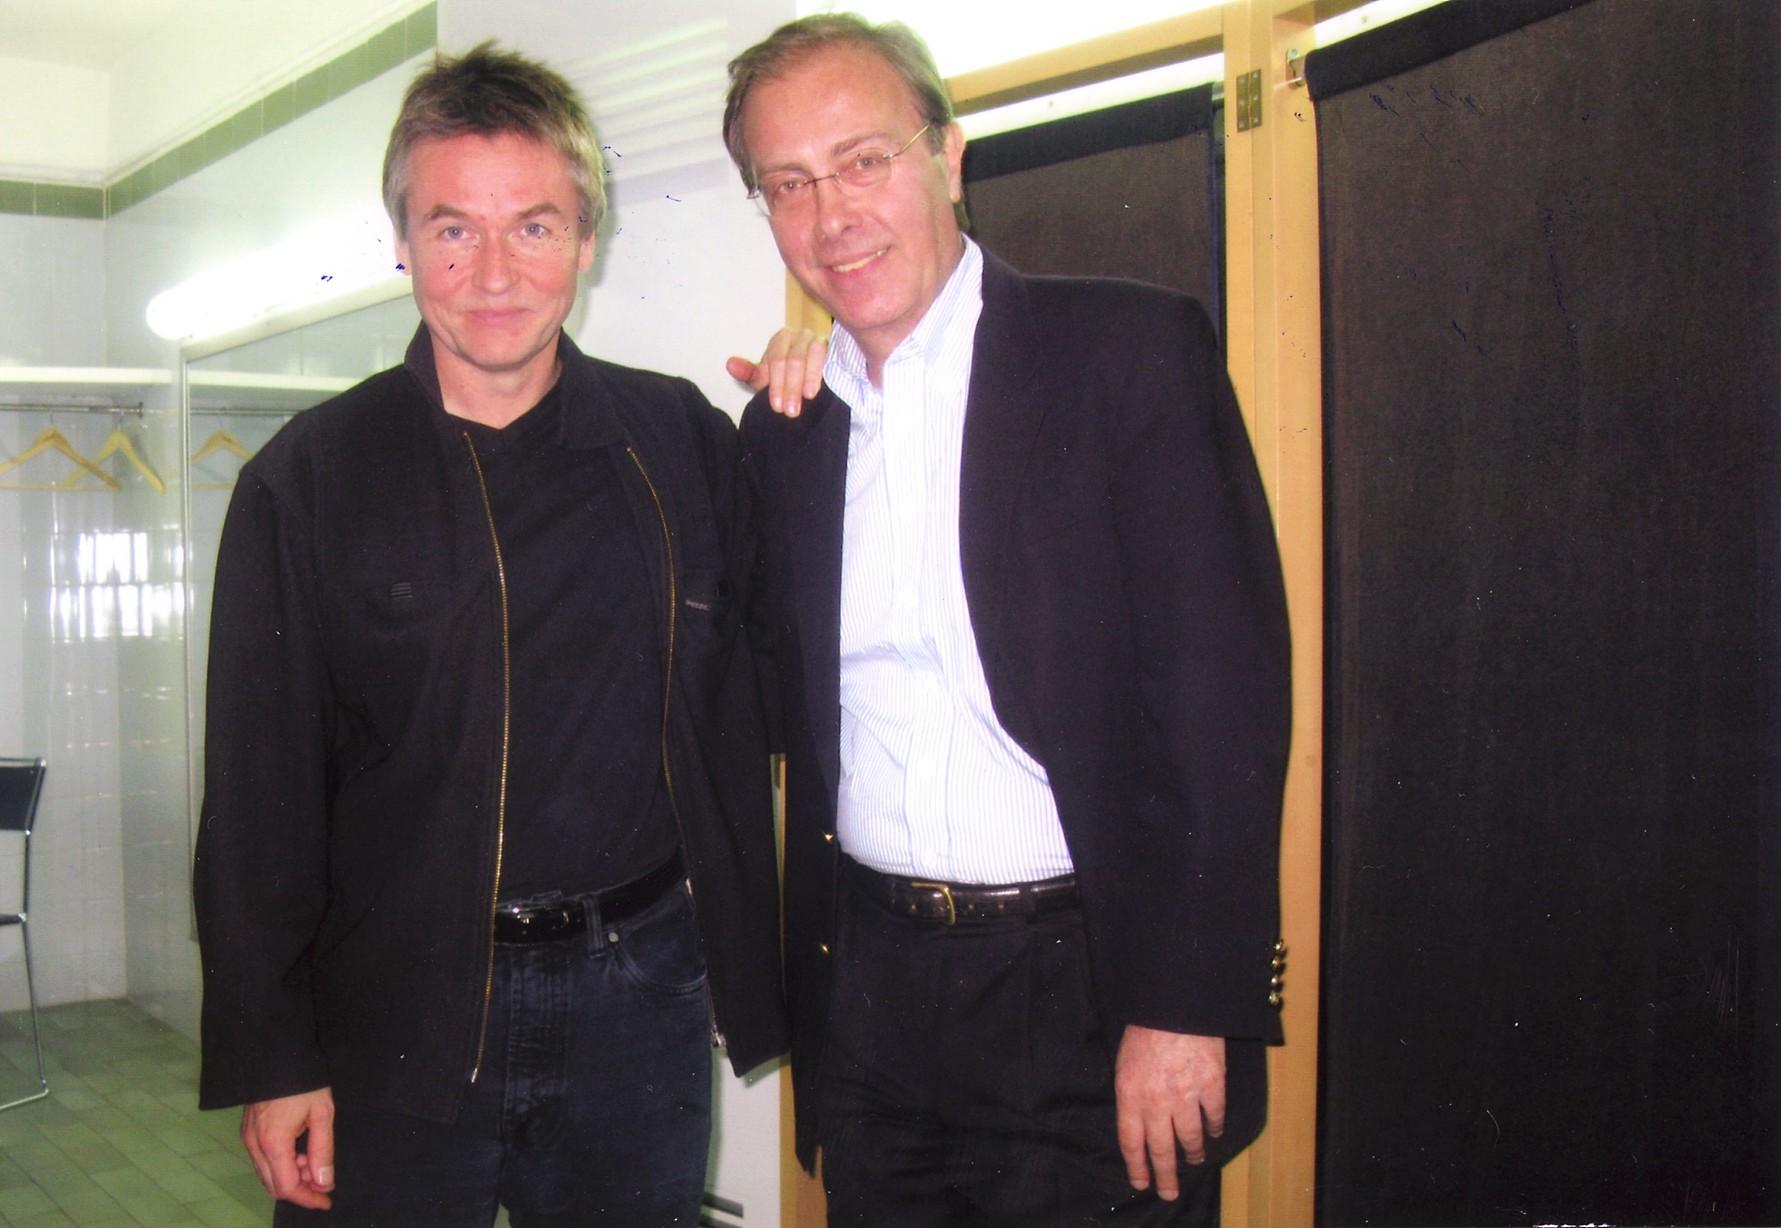 Vakarelis-Esa Pekka Salonen